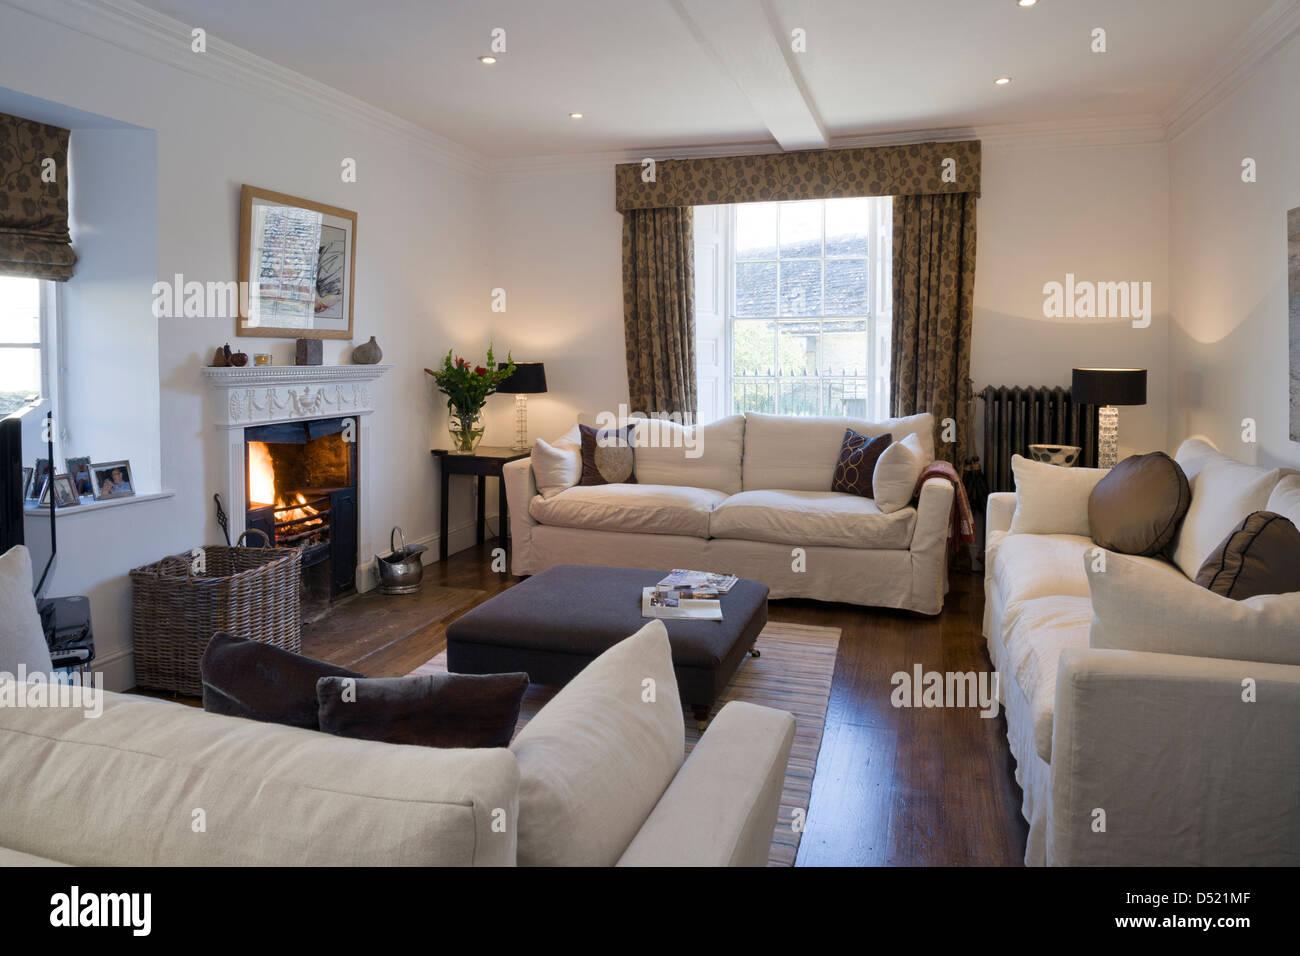 Eine große moderne Wohnzimmer mit 3 Sofas Stockfoto, Bild: 54749647 ...